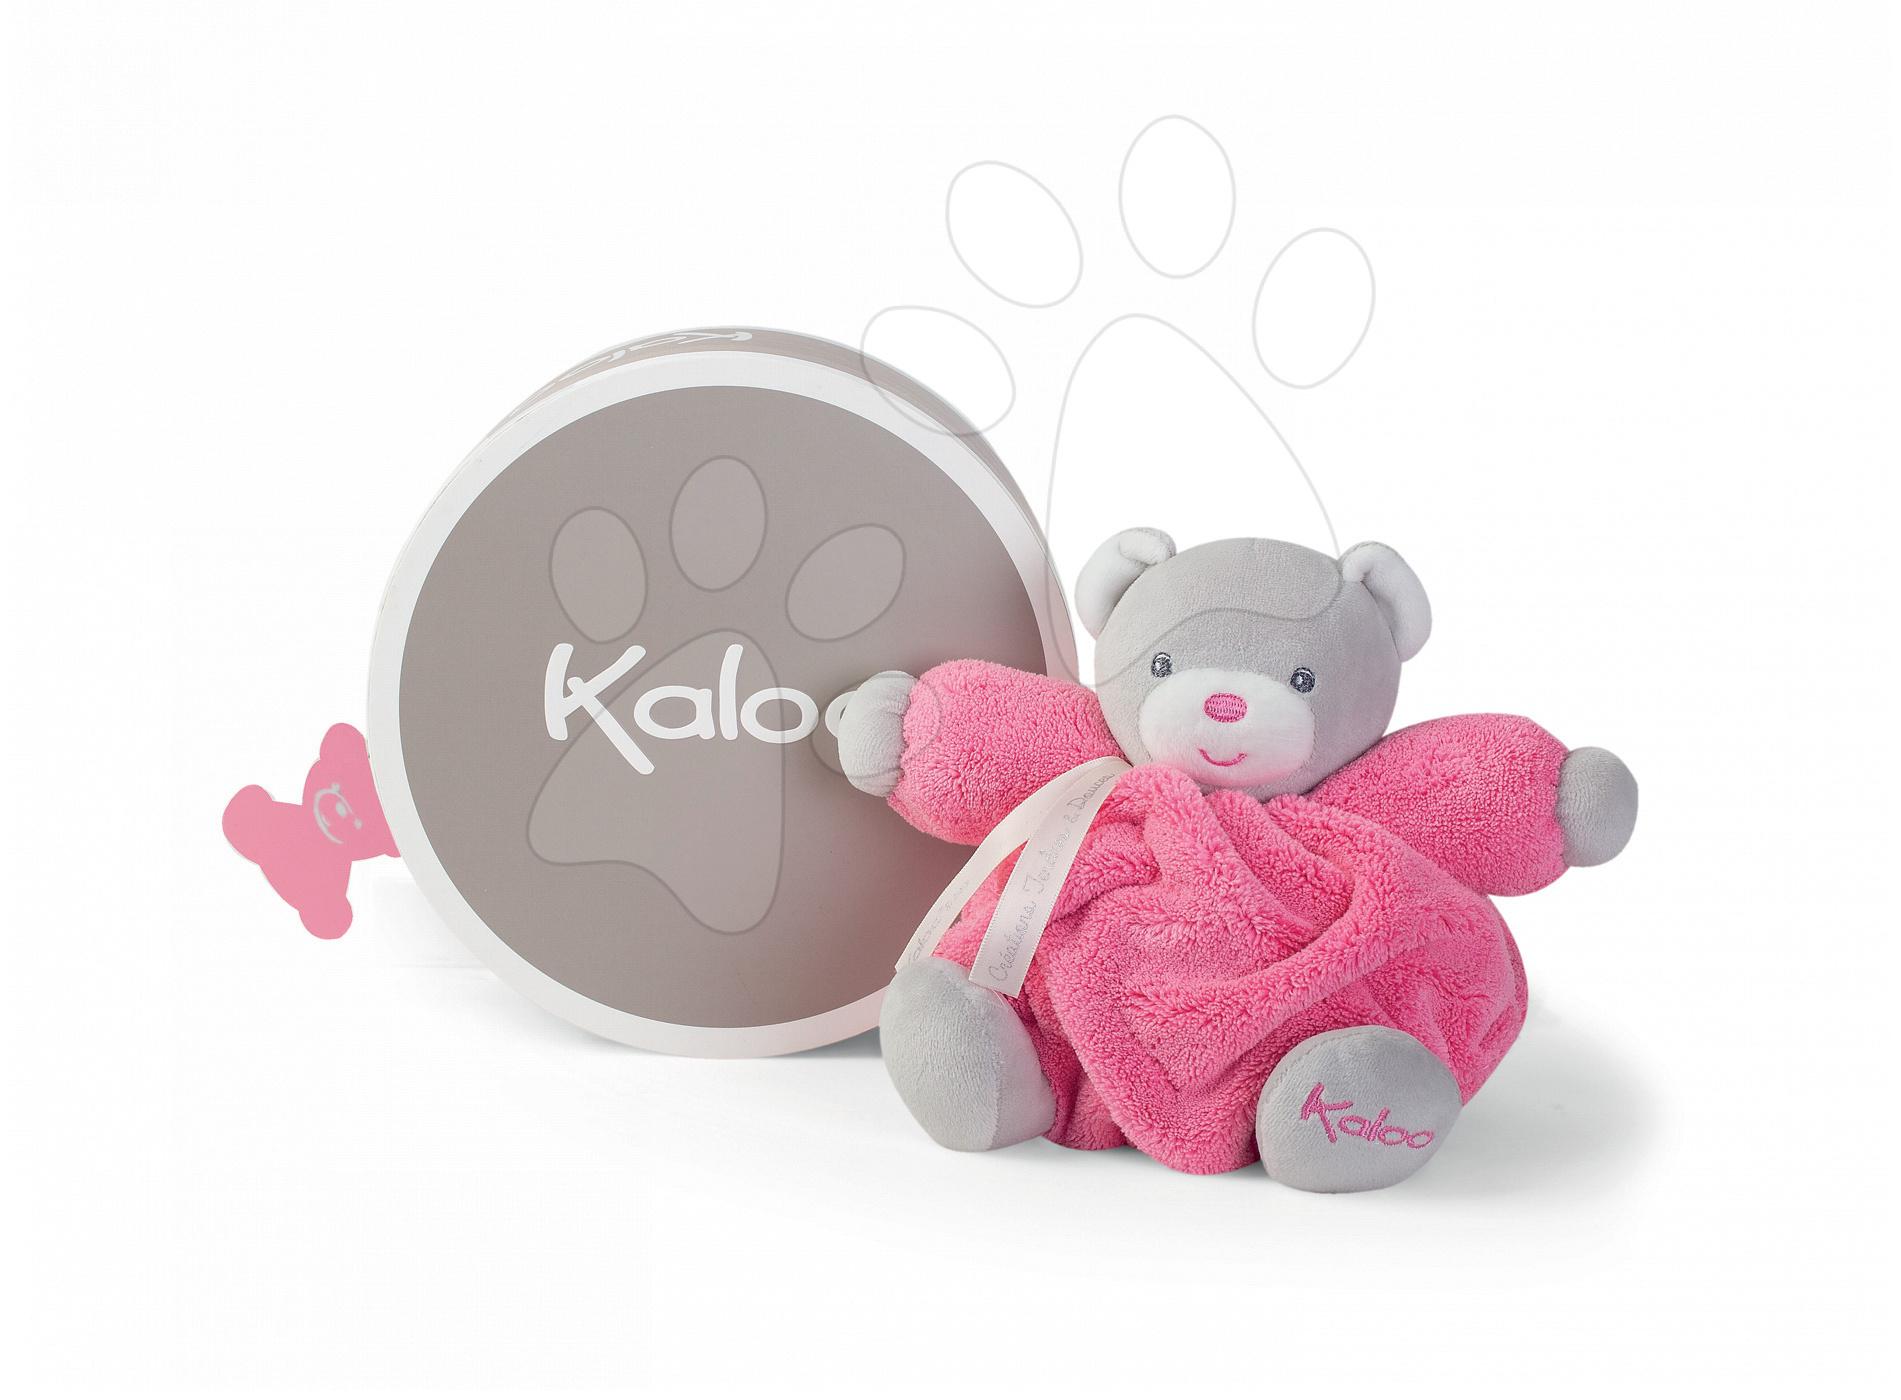 Plyšový medvedík Plume Chubby Kaloo 18 cm v darčekovom balení pre najmenšie deti ružový